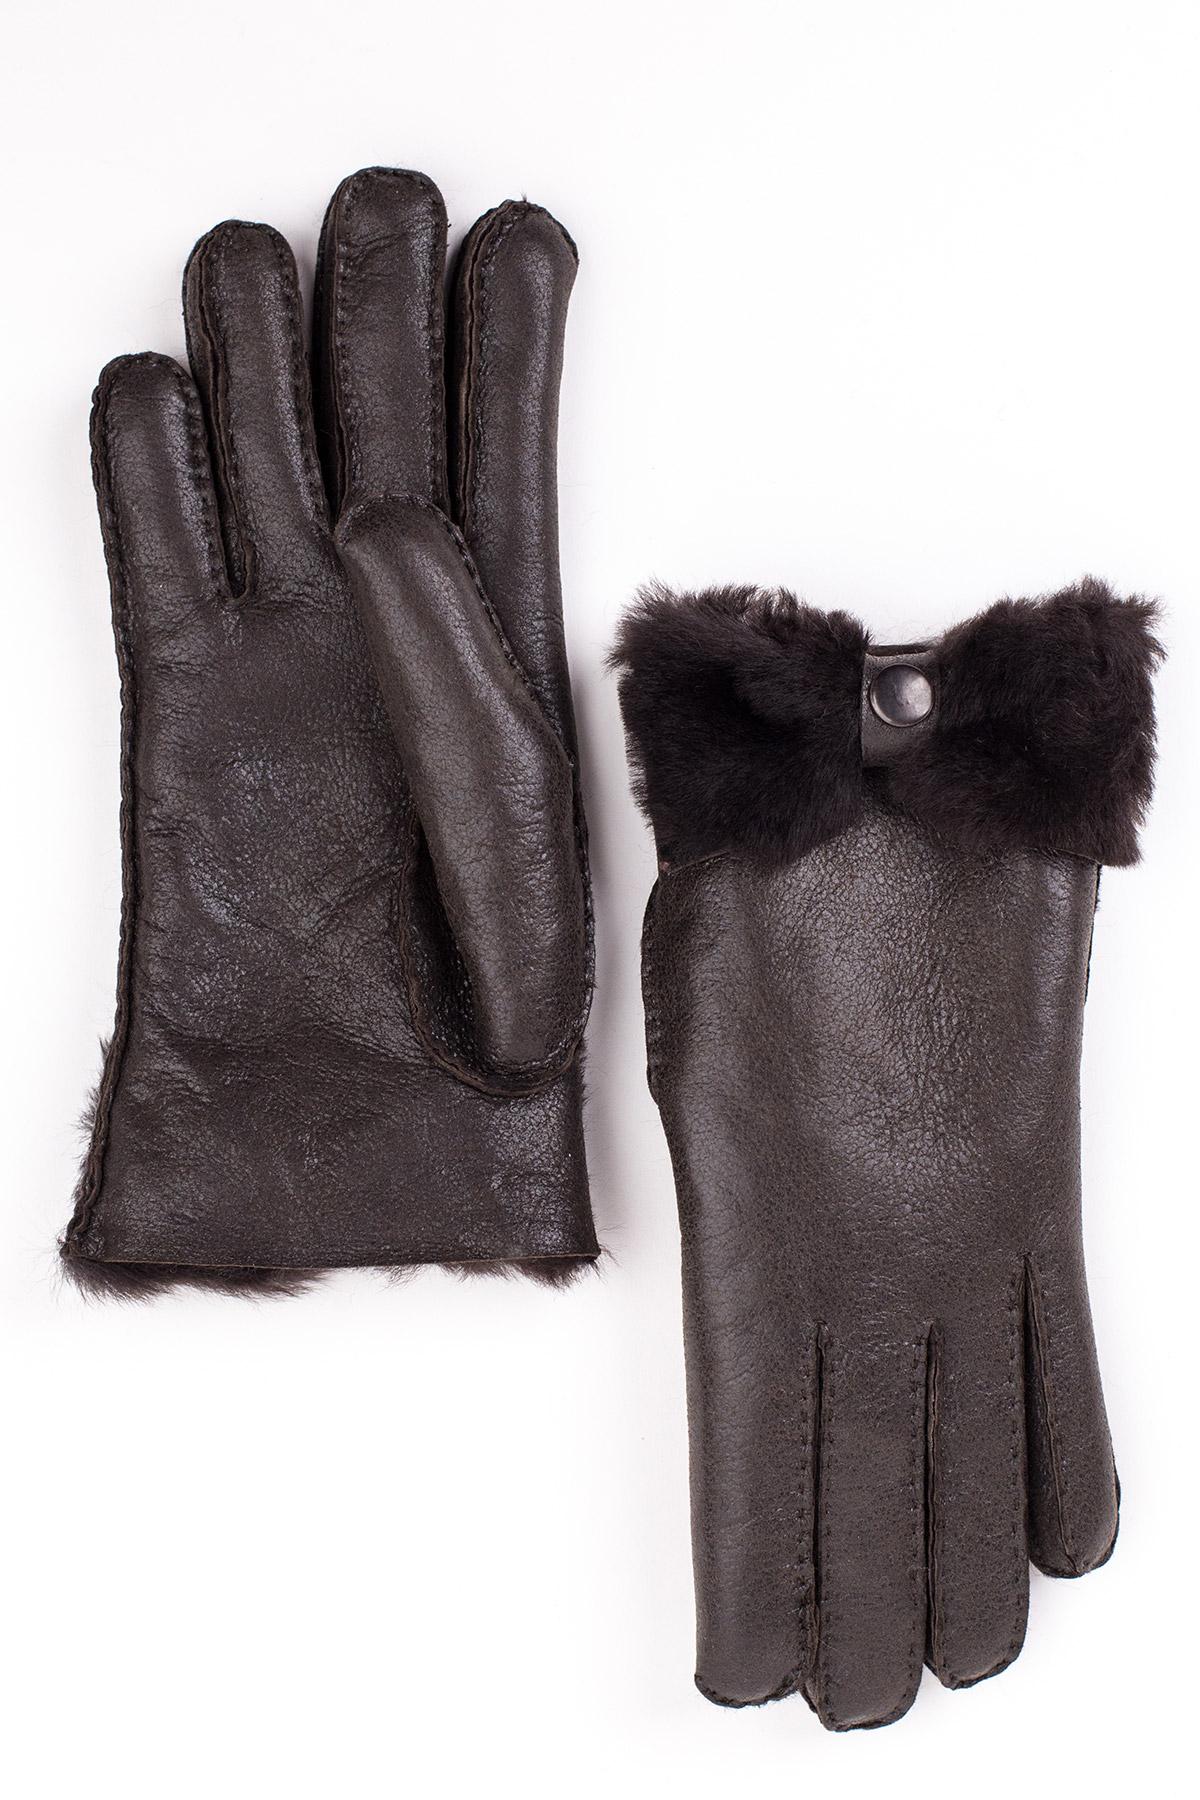 Mănuși de blană pentru femei 712 thumbnail